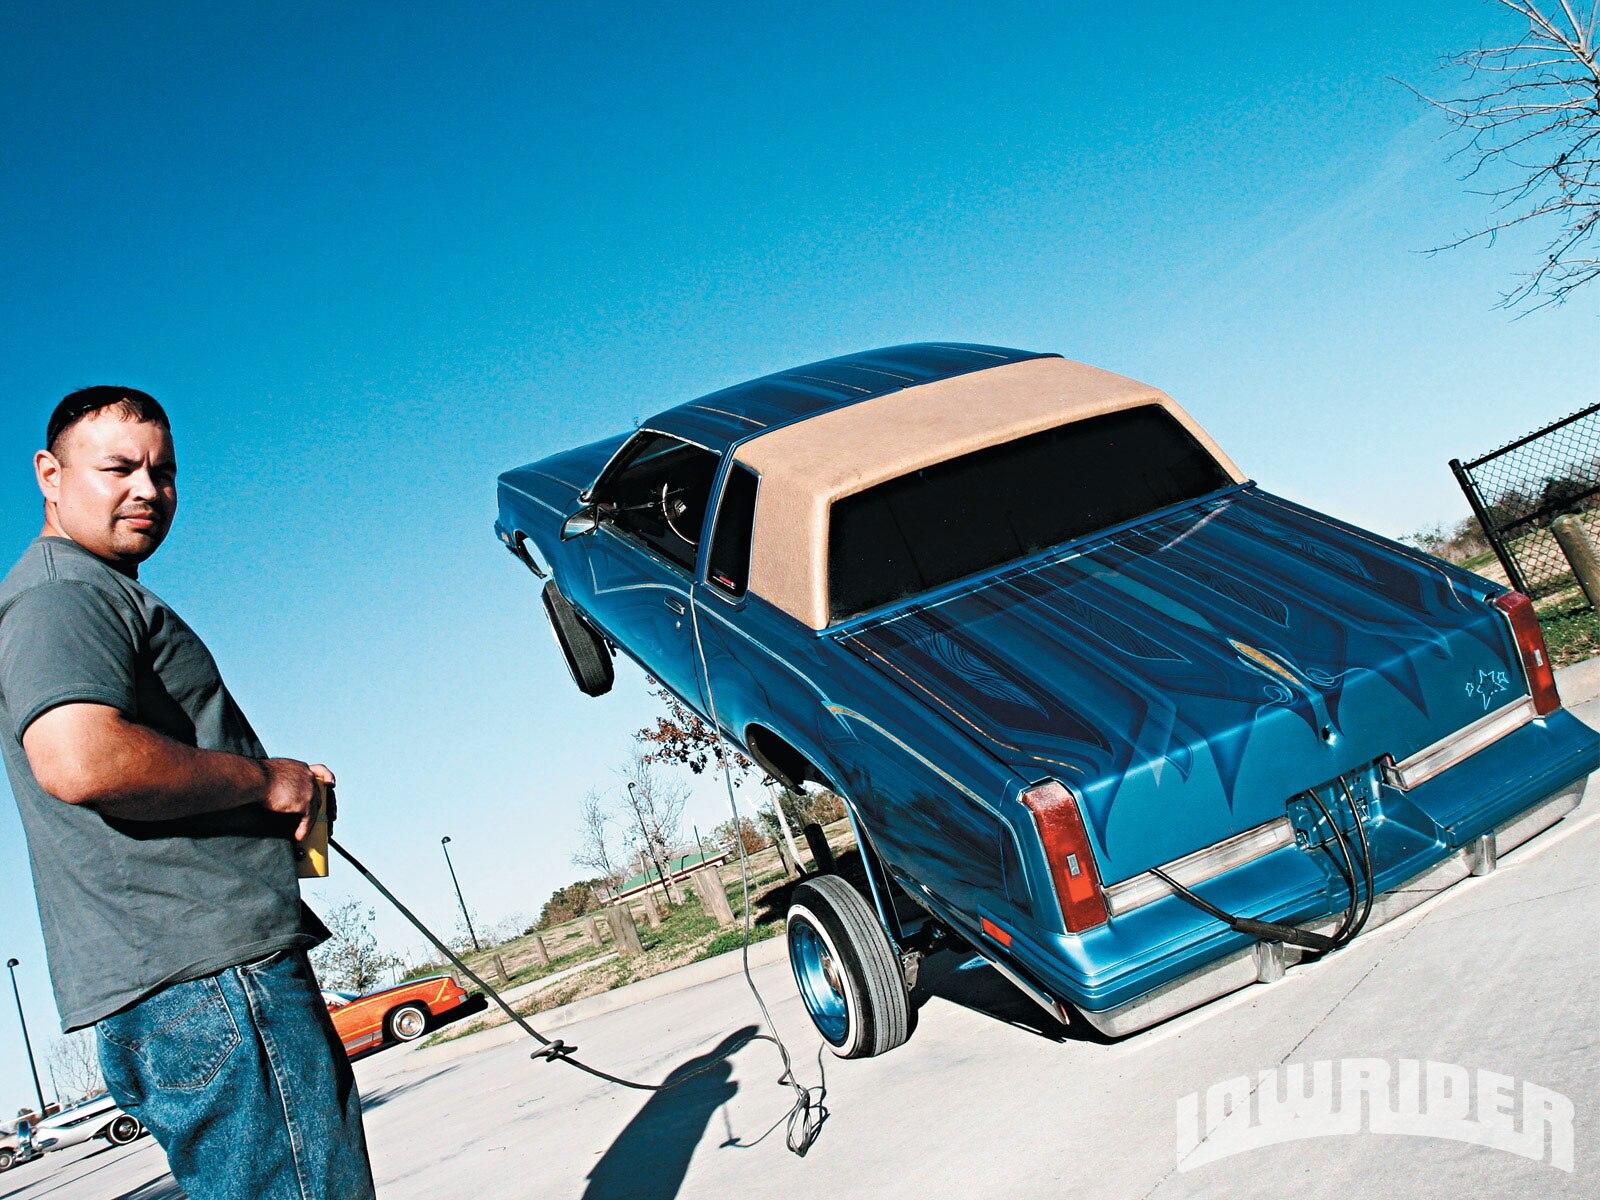 0911-lrmp-01-o-1987-oldsmobile-cutlass-victor-jimenez1